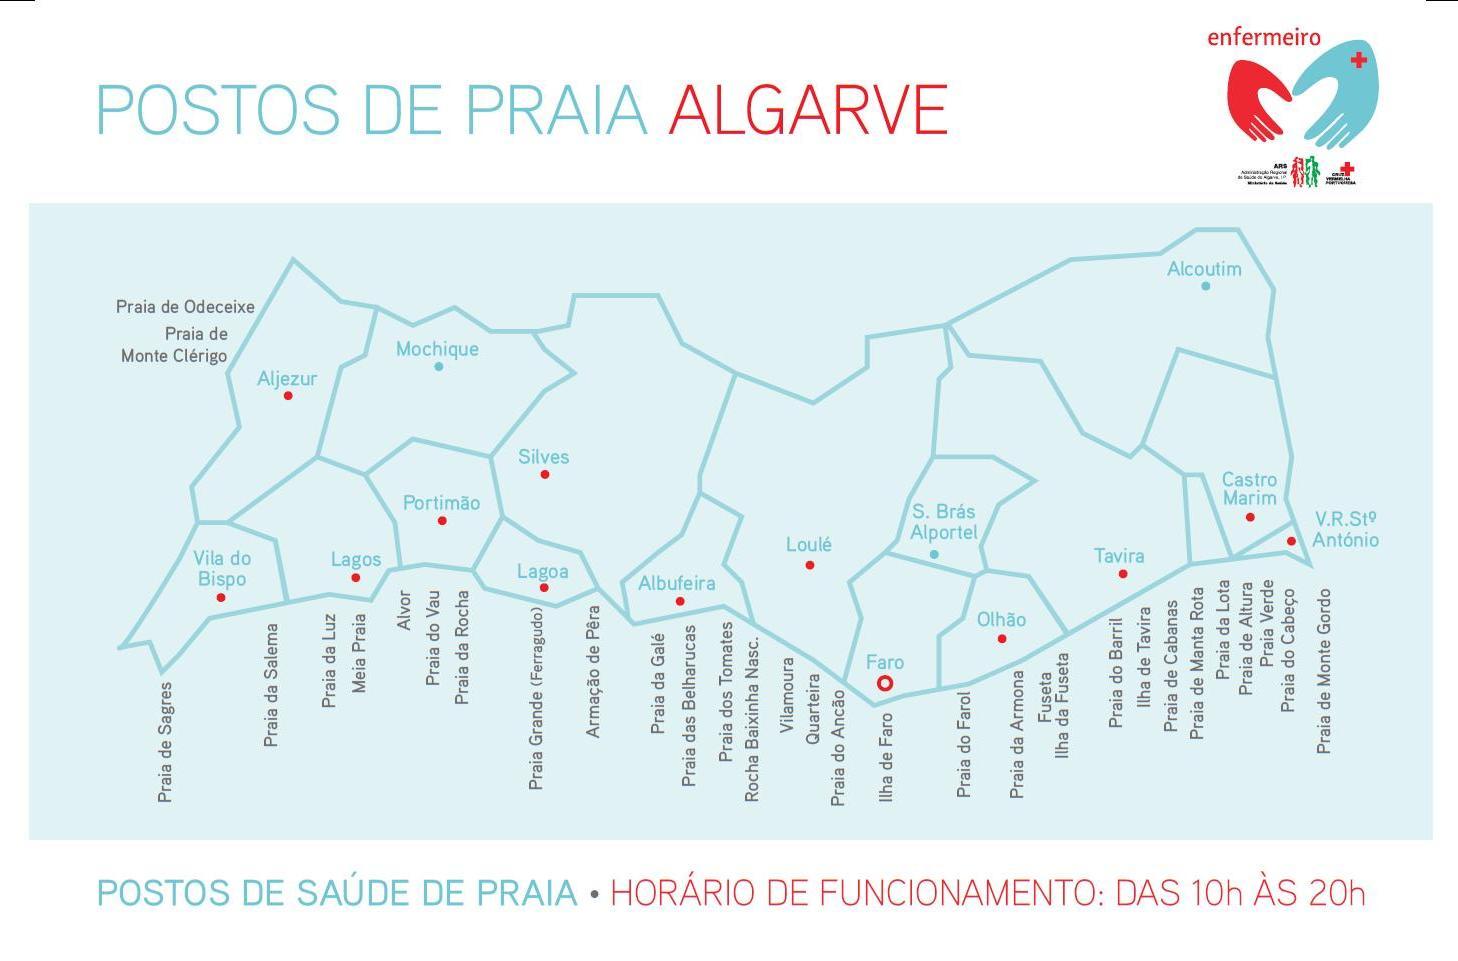 mapa das melhores praias do algarve ARS | Algarve mapa das melhores praias do algarve